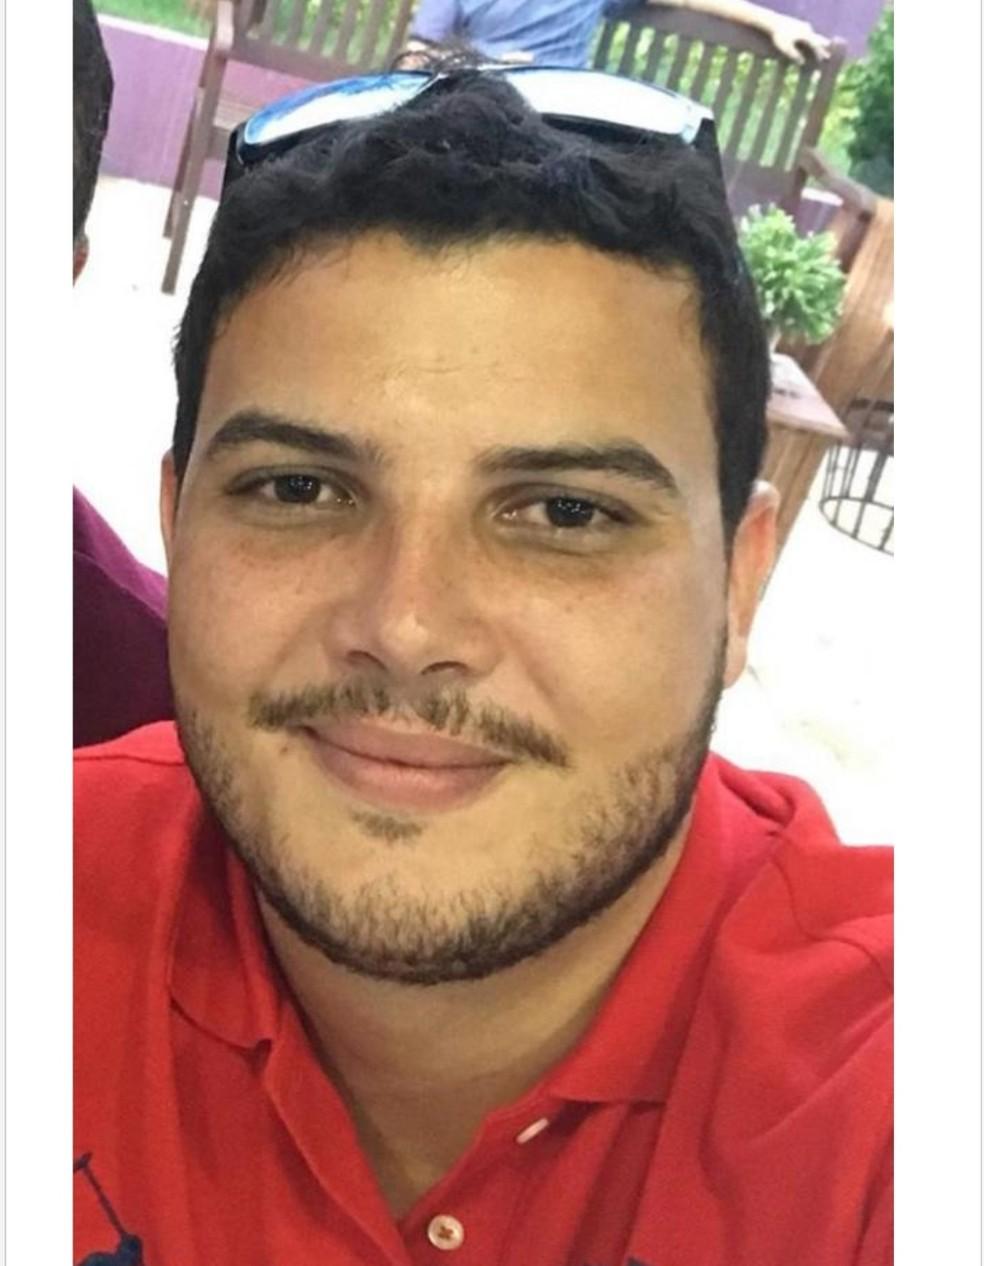 Rafael Seabra era médico e trabalhava no Hospital Geral de Alto Alegre do Maranhão — Foto: Divulgação/Arquivo Pessoal